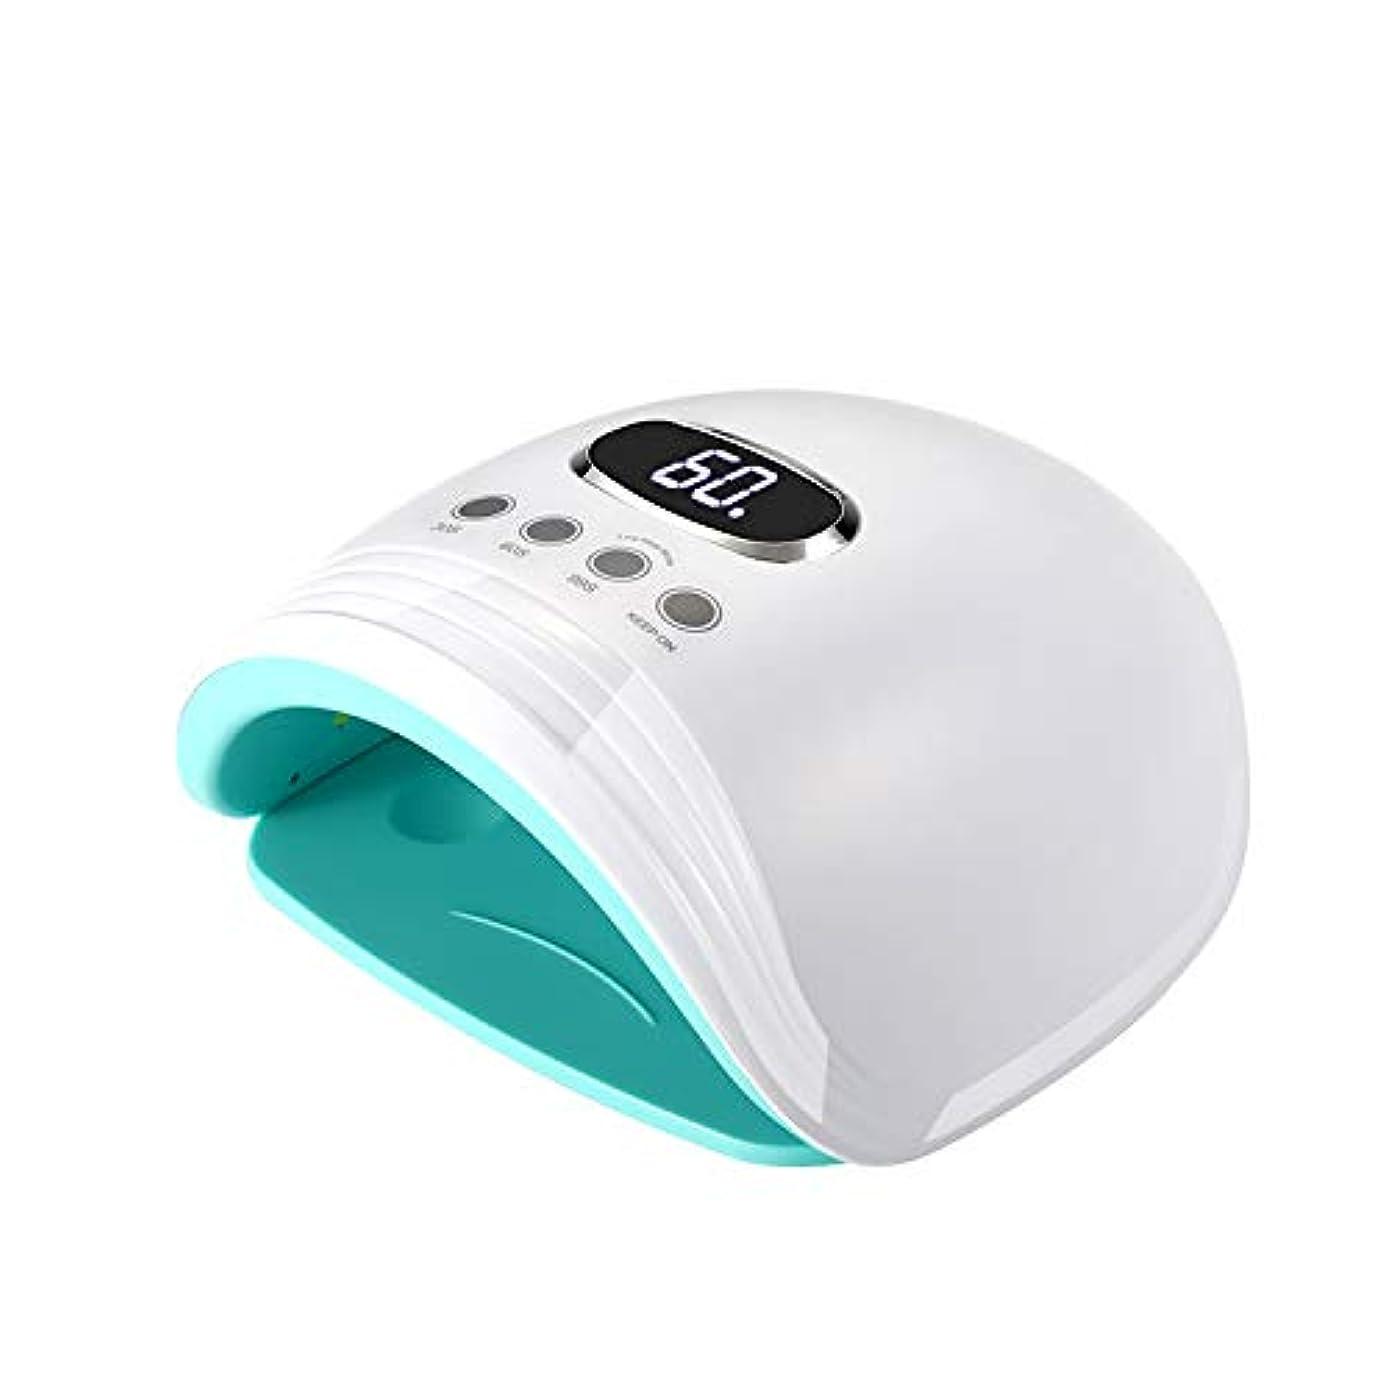 シルエット固執推進、動かす60W UV LEDネイルランプネイルドライヤー+ホワイトニングランプ、1 in 2プロフェッショナルケアドライヤー、スマートオートセンシング付きゲルパイプビルダー3タイマー設定LCDディスプレイ